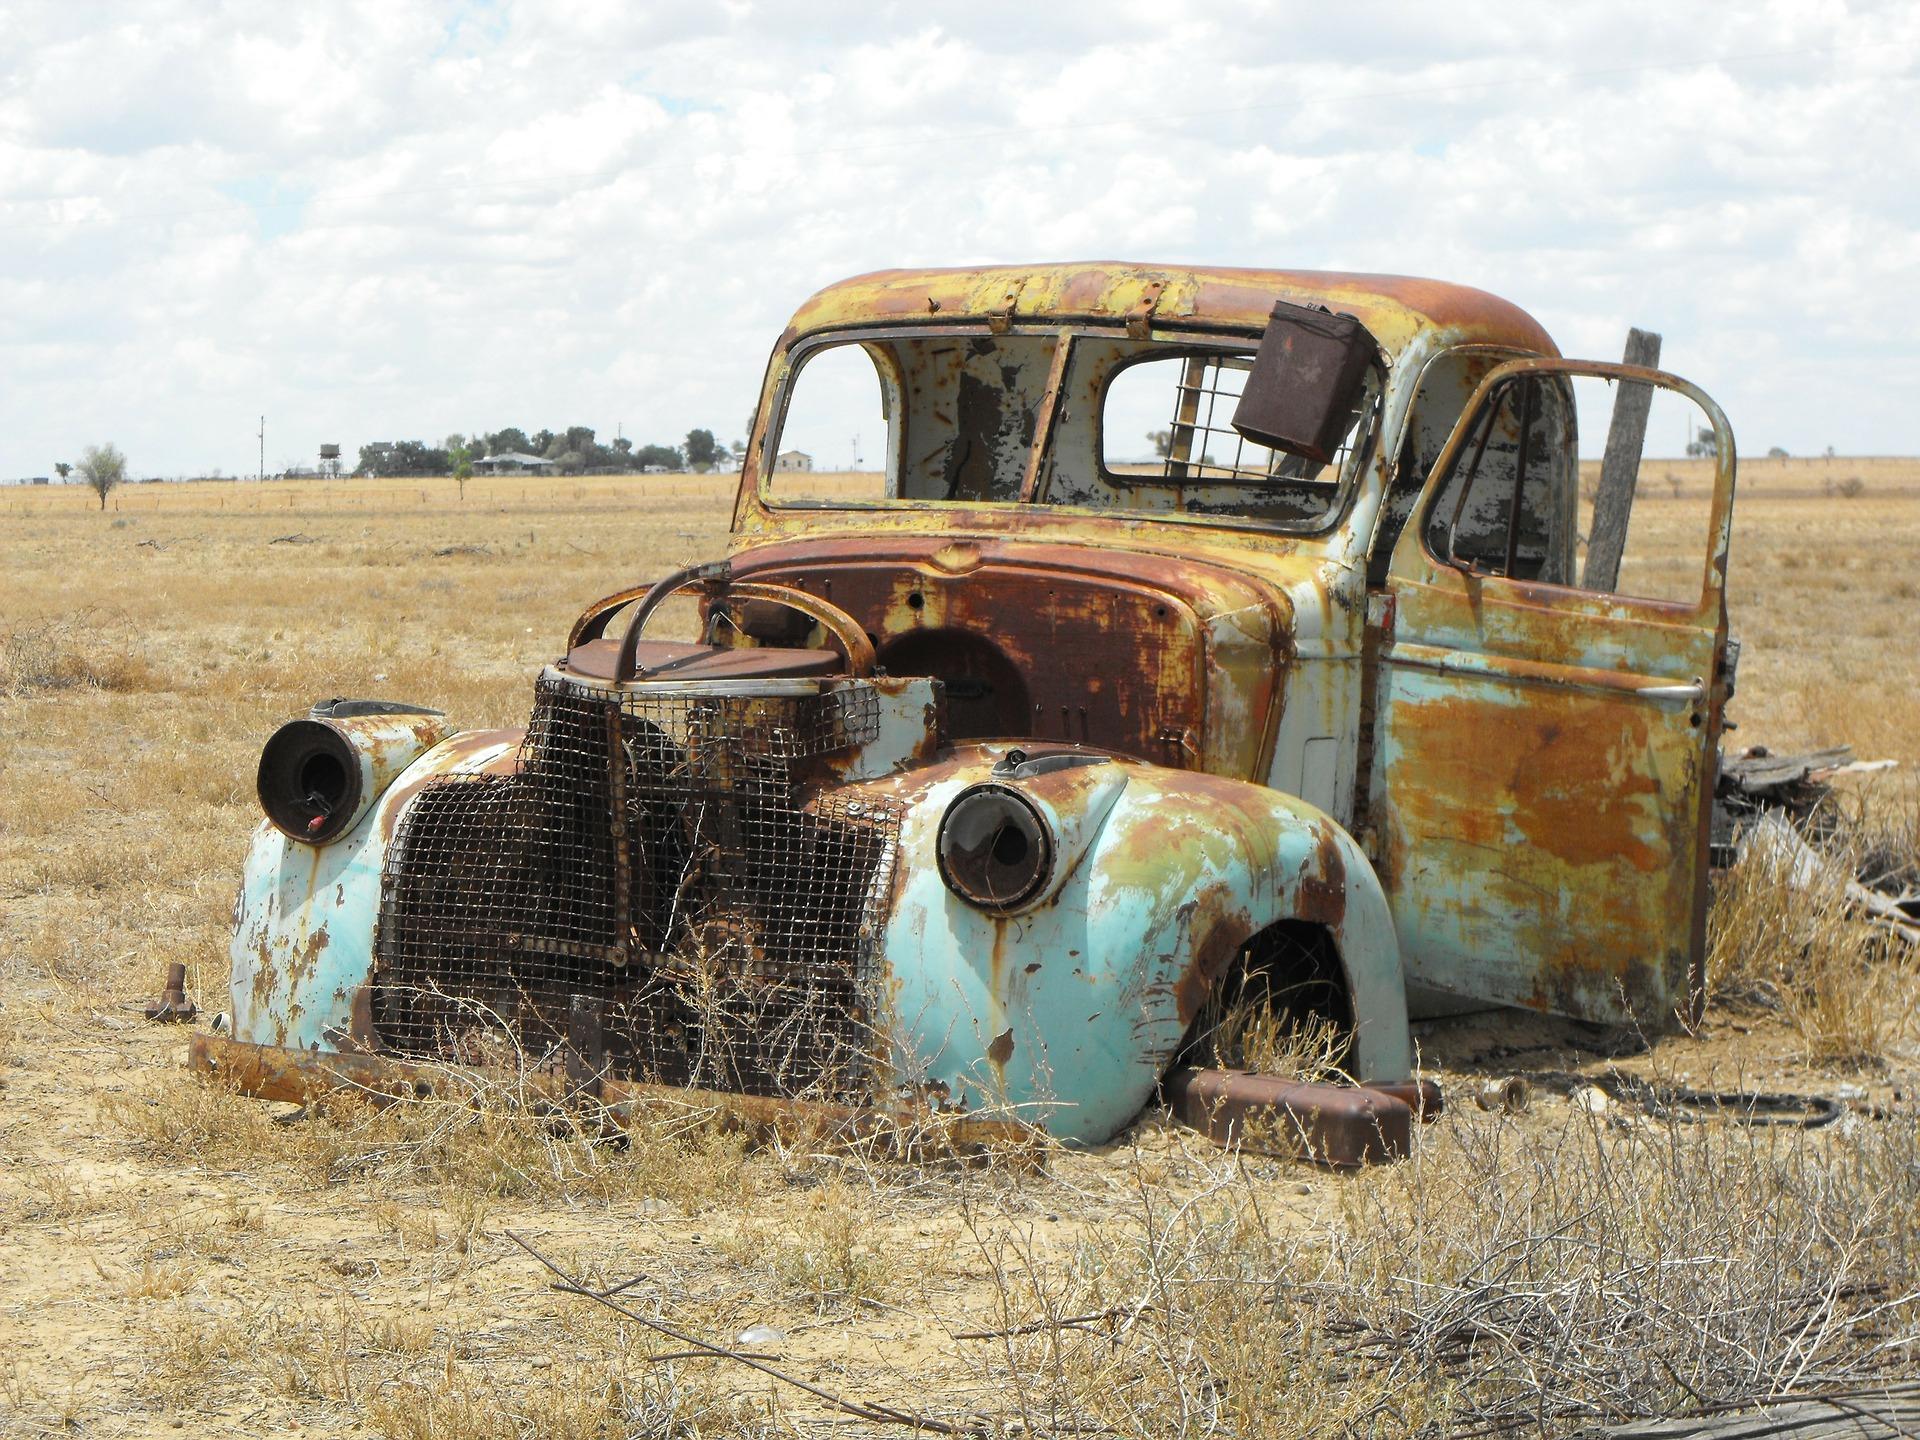 australia-162760_1920.jpg